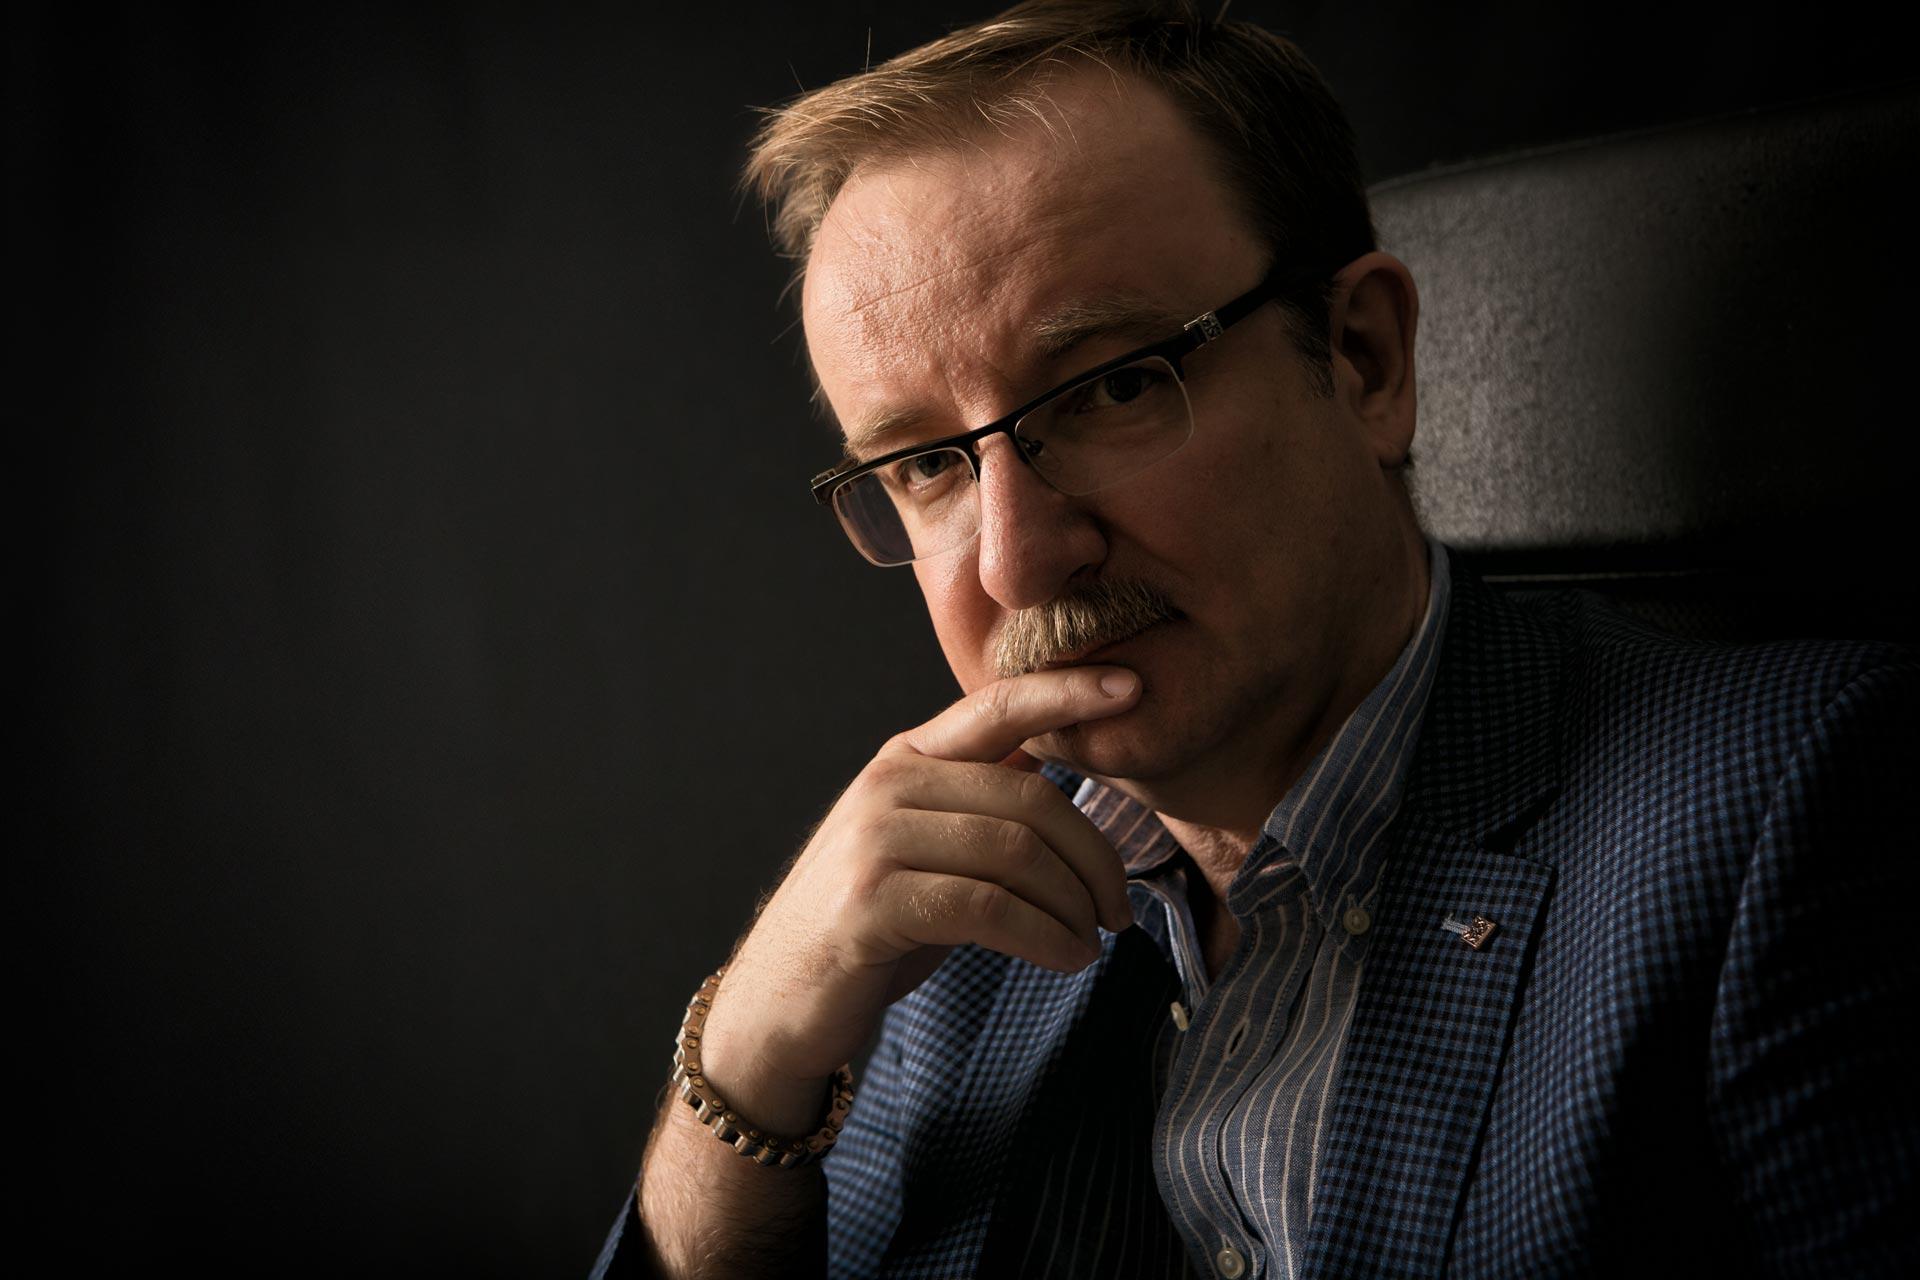 Олег Картамышев, основатель и руководитель производственно-дистрибьюторской компании с 20-ти летним стажем